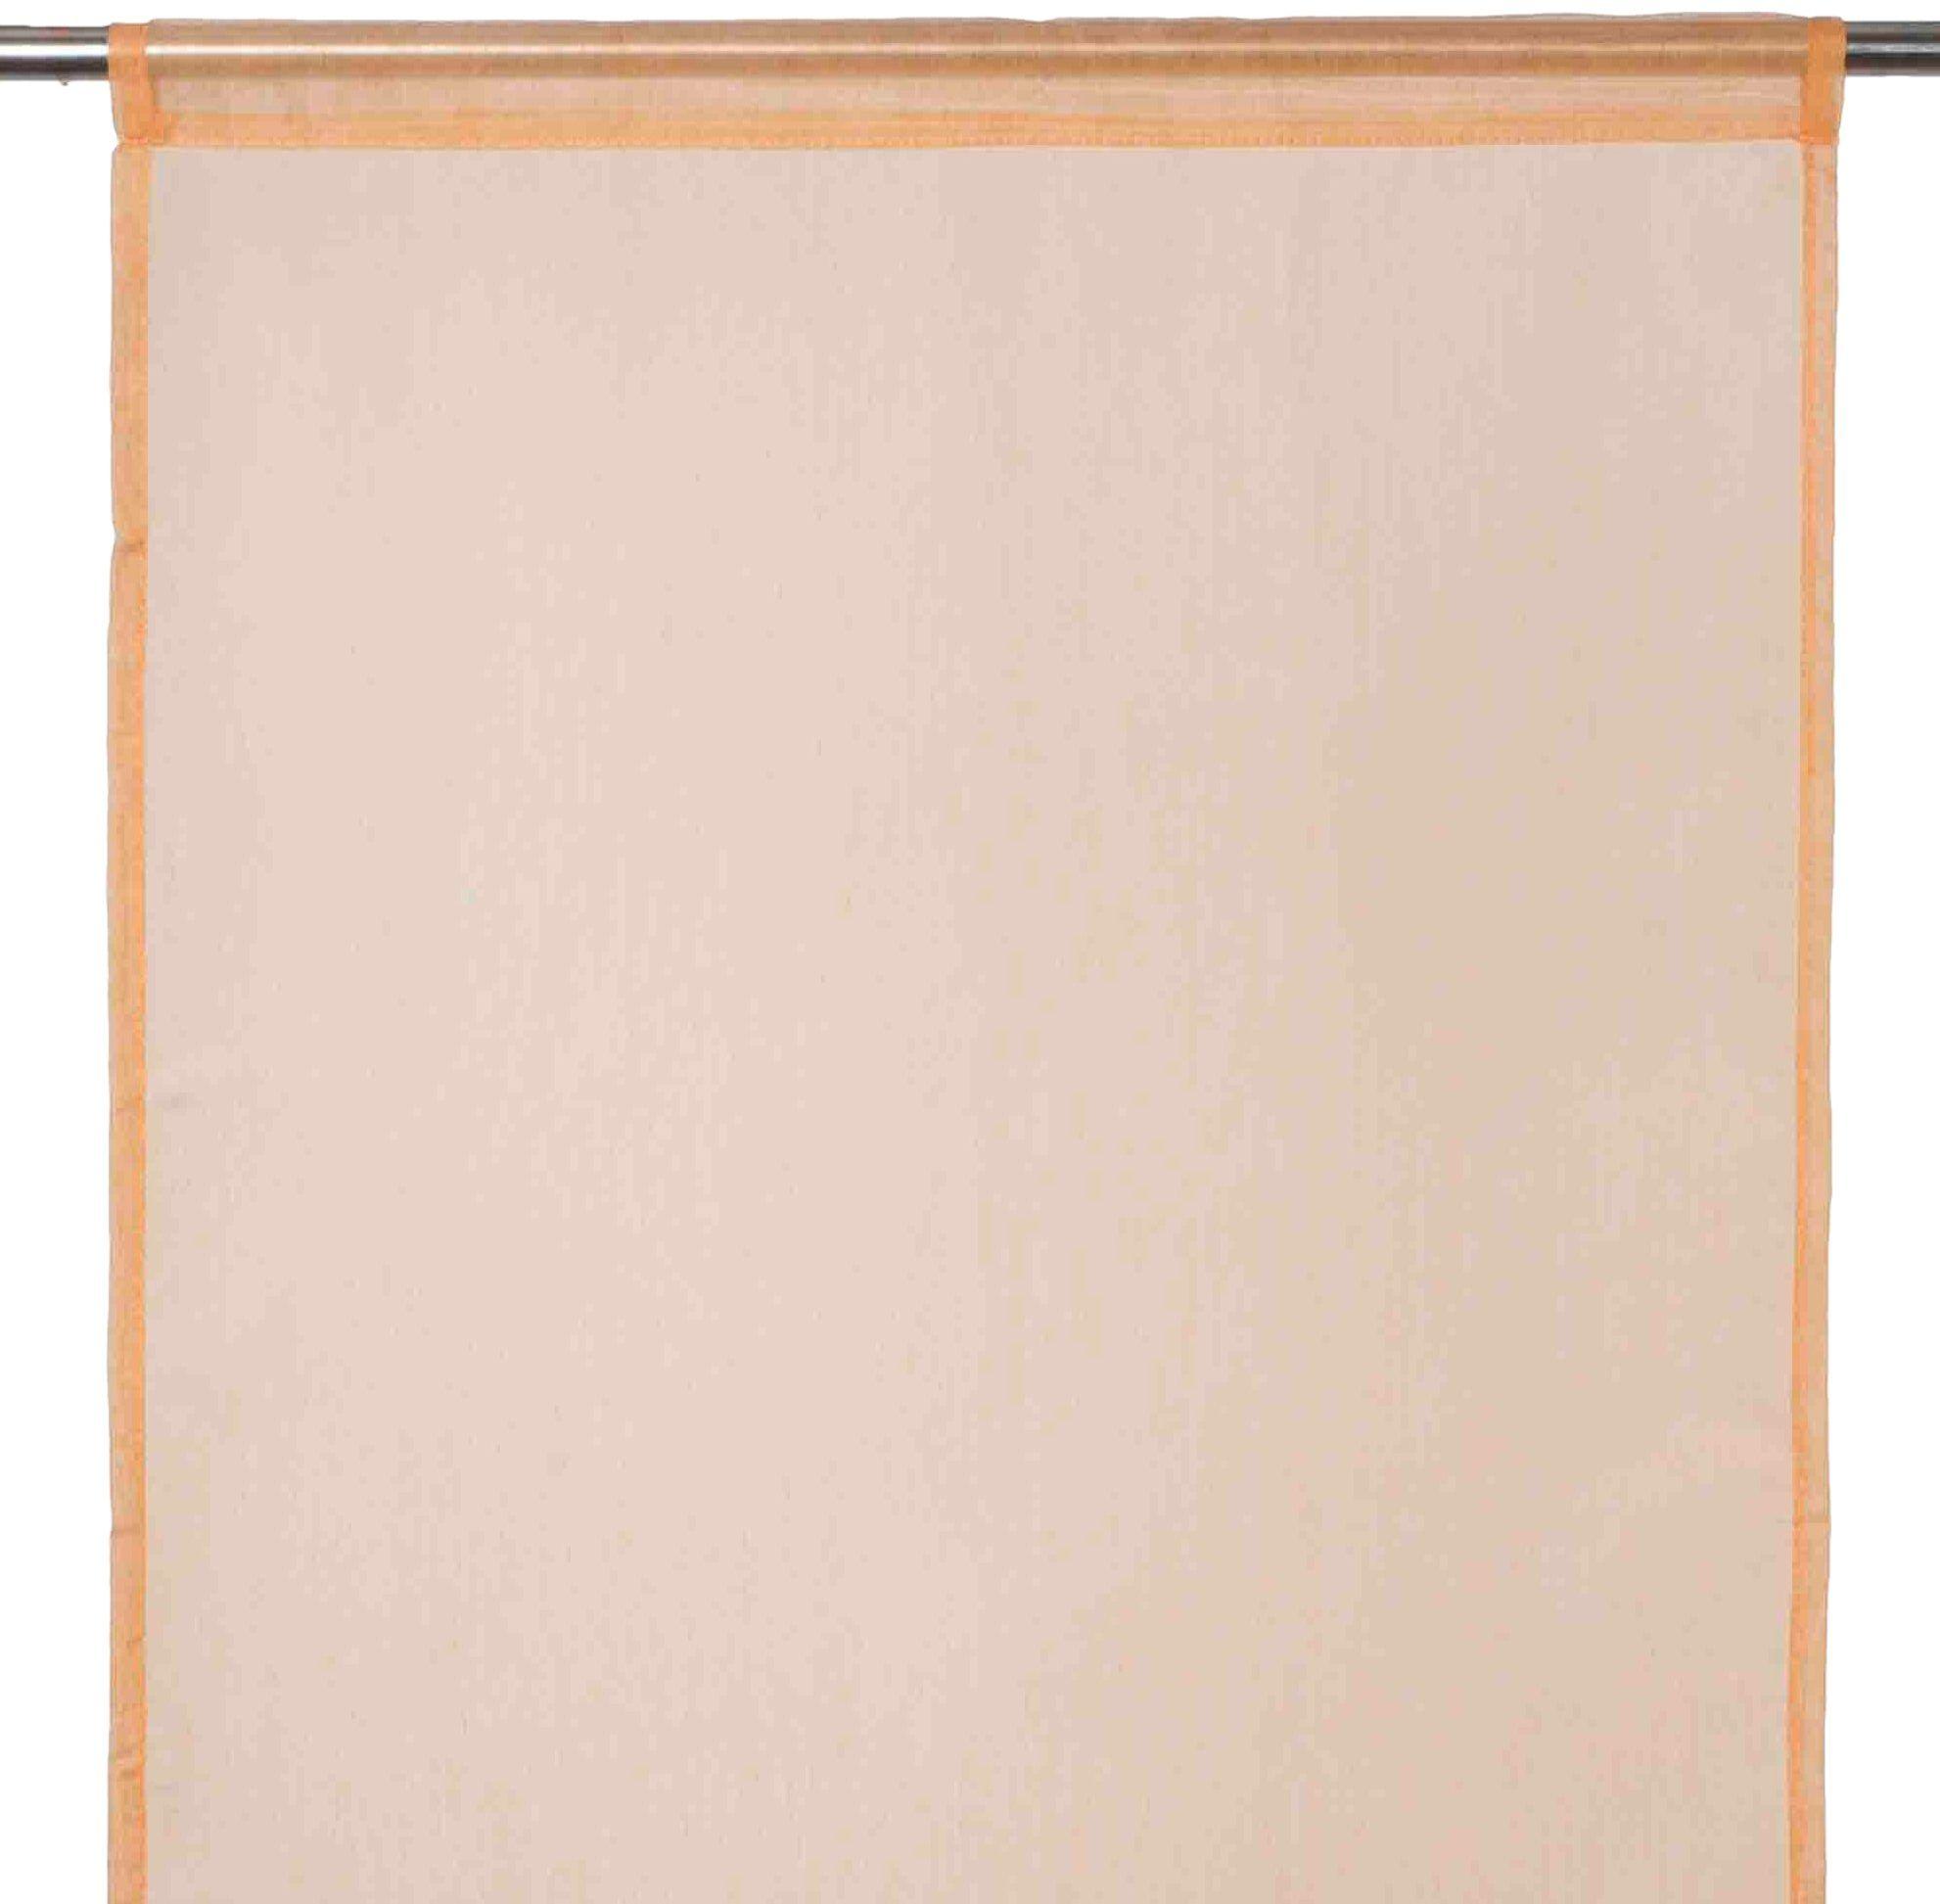 Madura Zasłona Tramuntana poliester 100%, pomarańczowy Clair, dł. 60 x wys. 290 cm